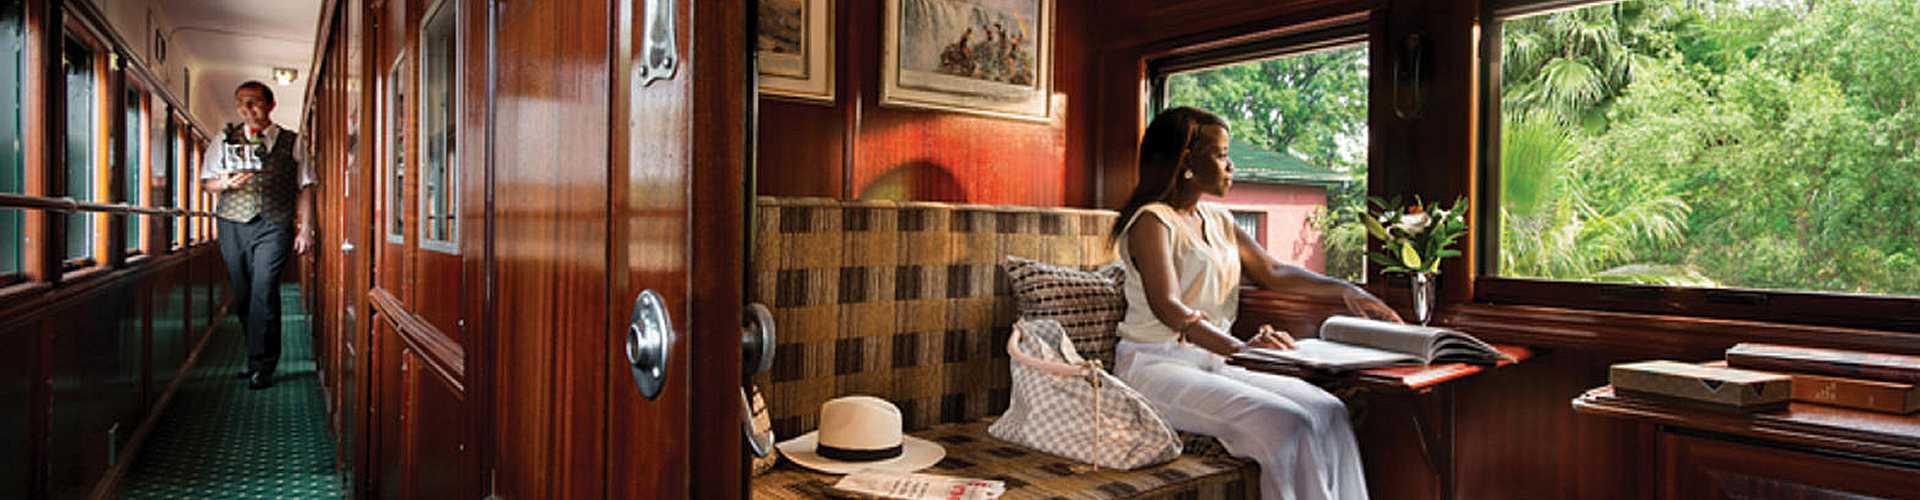 ROVOS RAIL, Luxusurlaub auf Schienen in Südafrika